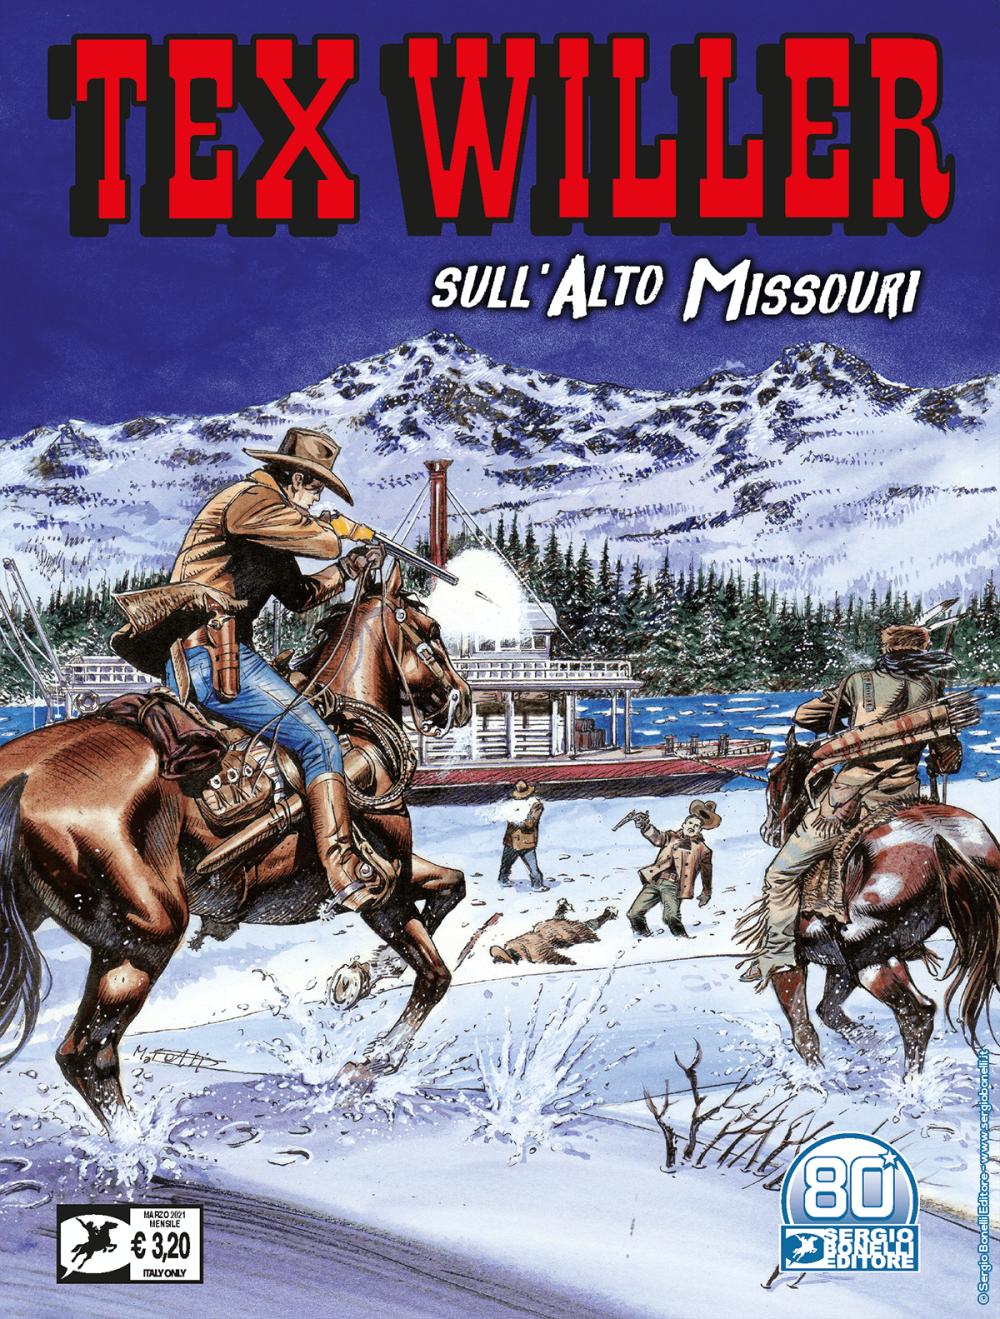 Sull'Alto Missouri - Tex Willer 29 cover